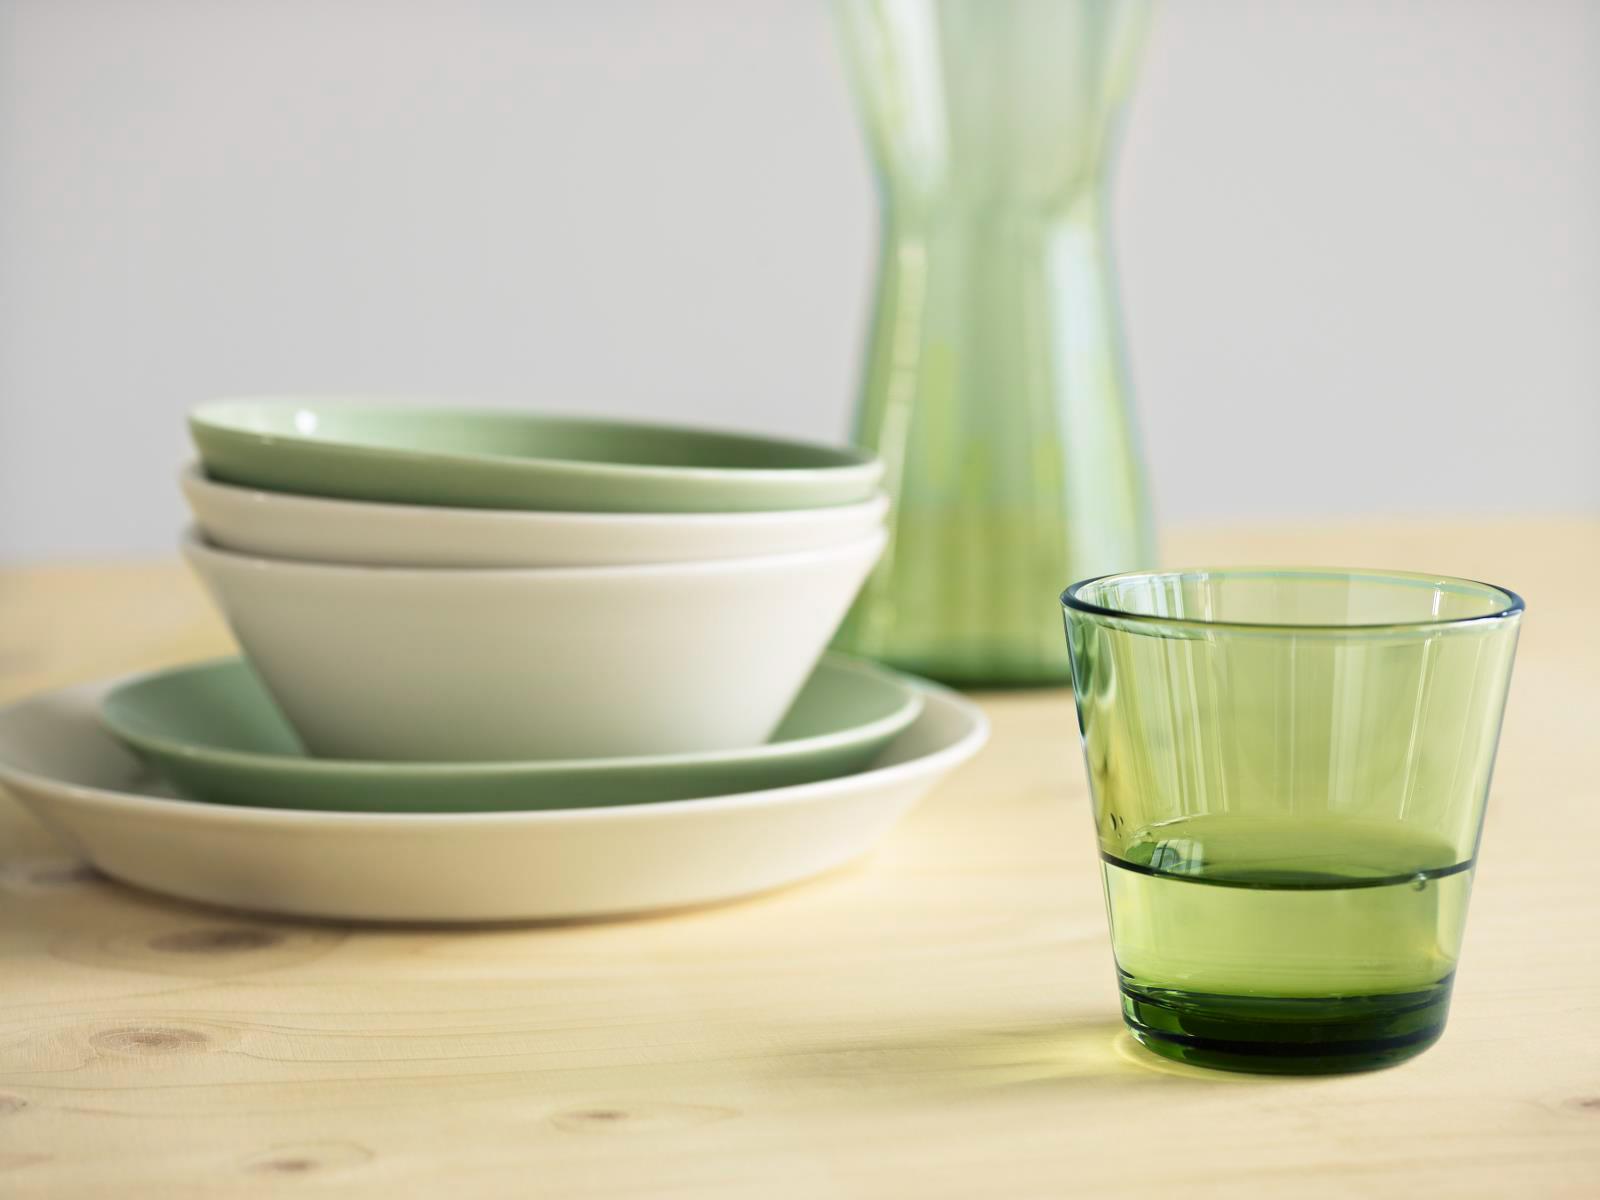 Klik op de foto voor meer servies en glazen!